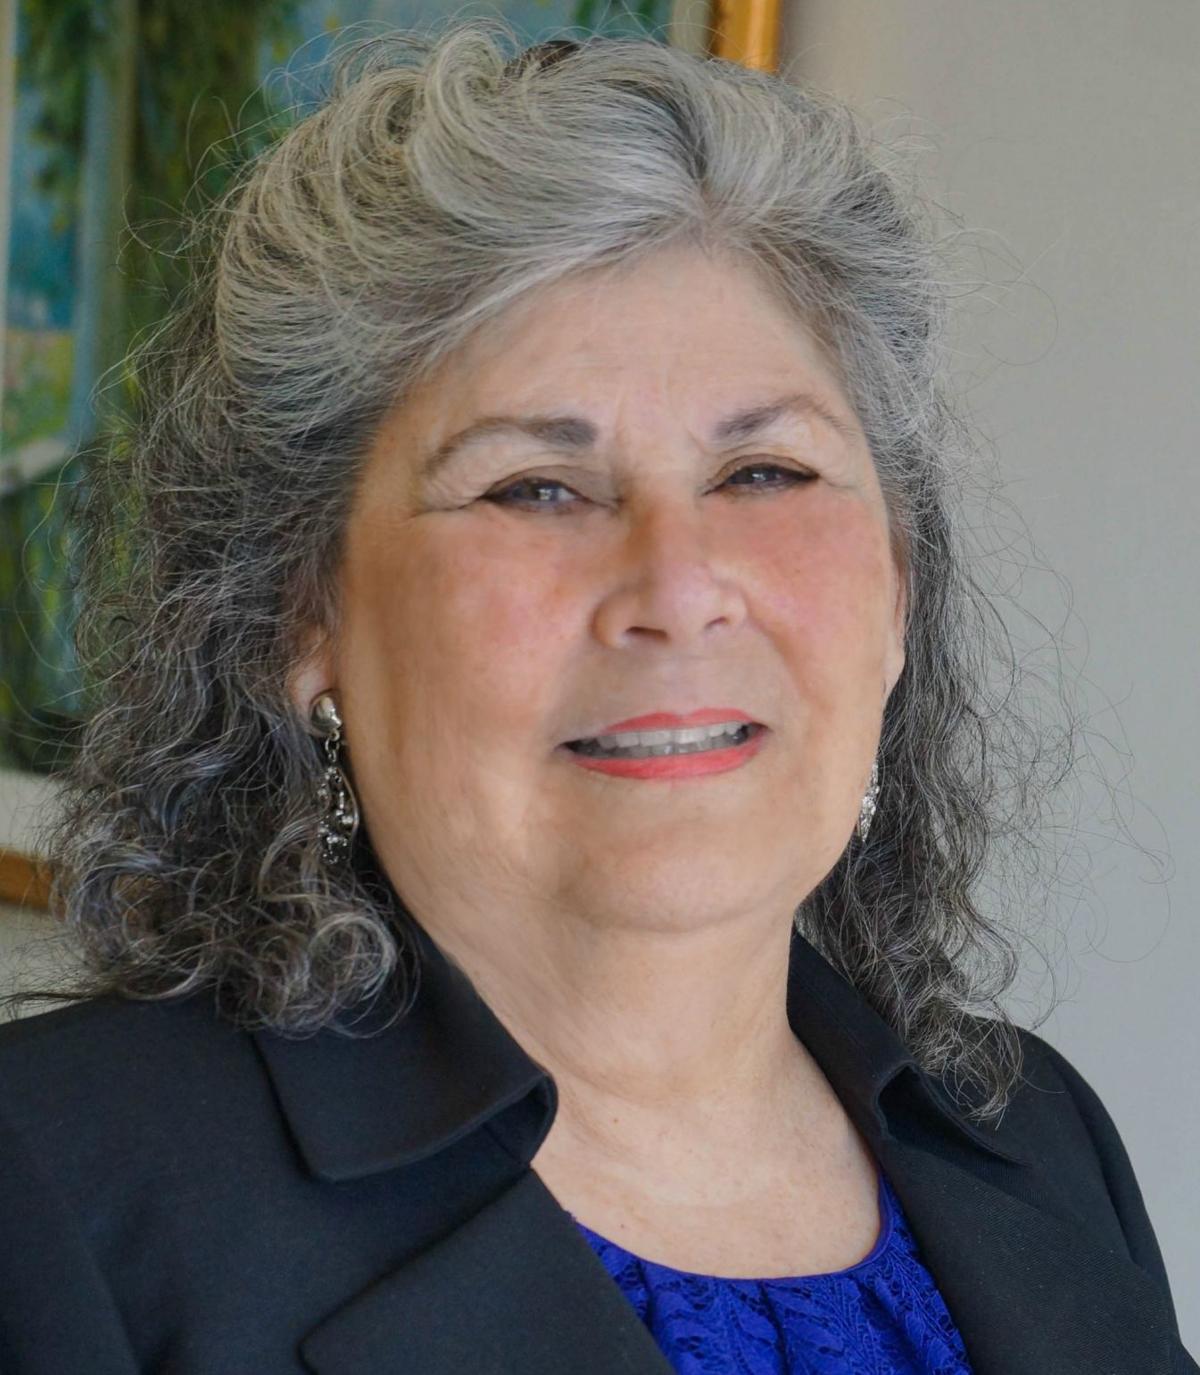 Mary Barro